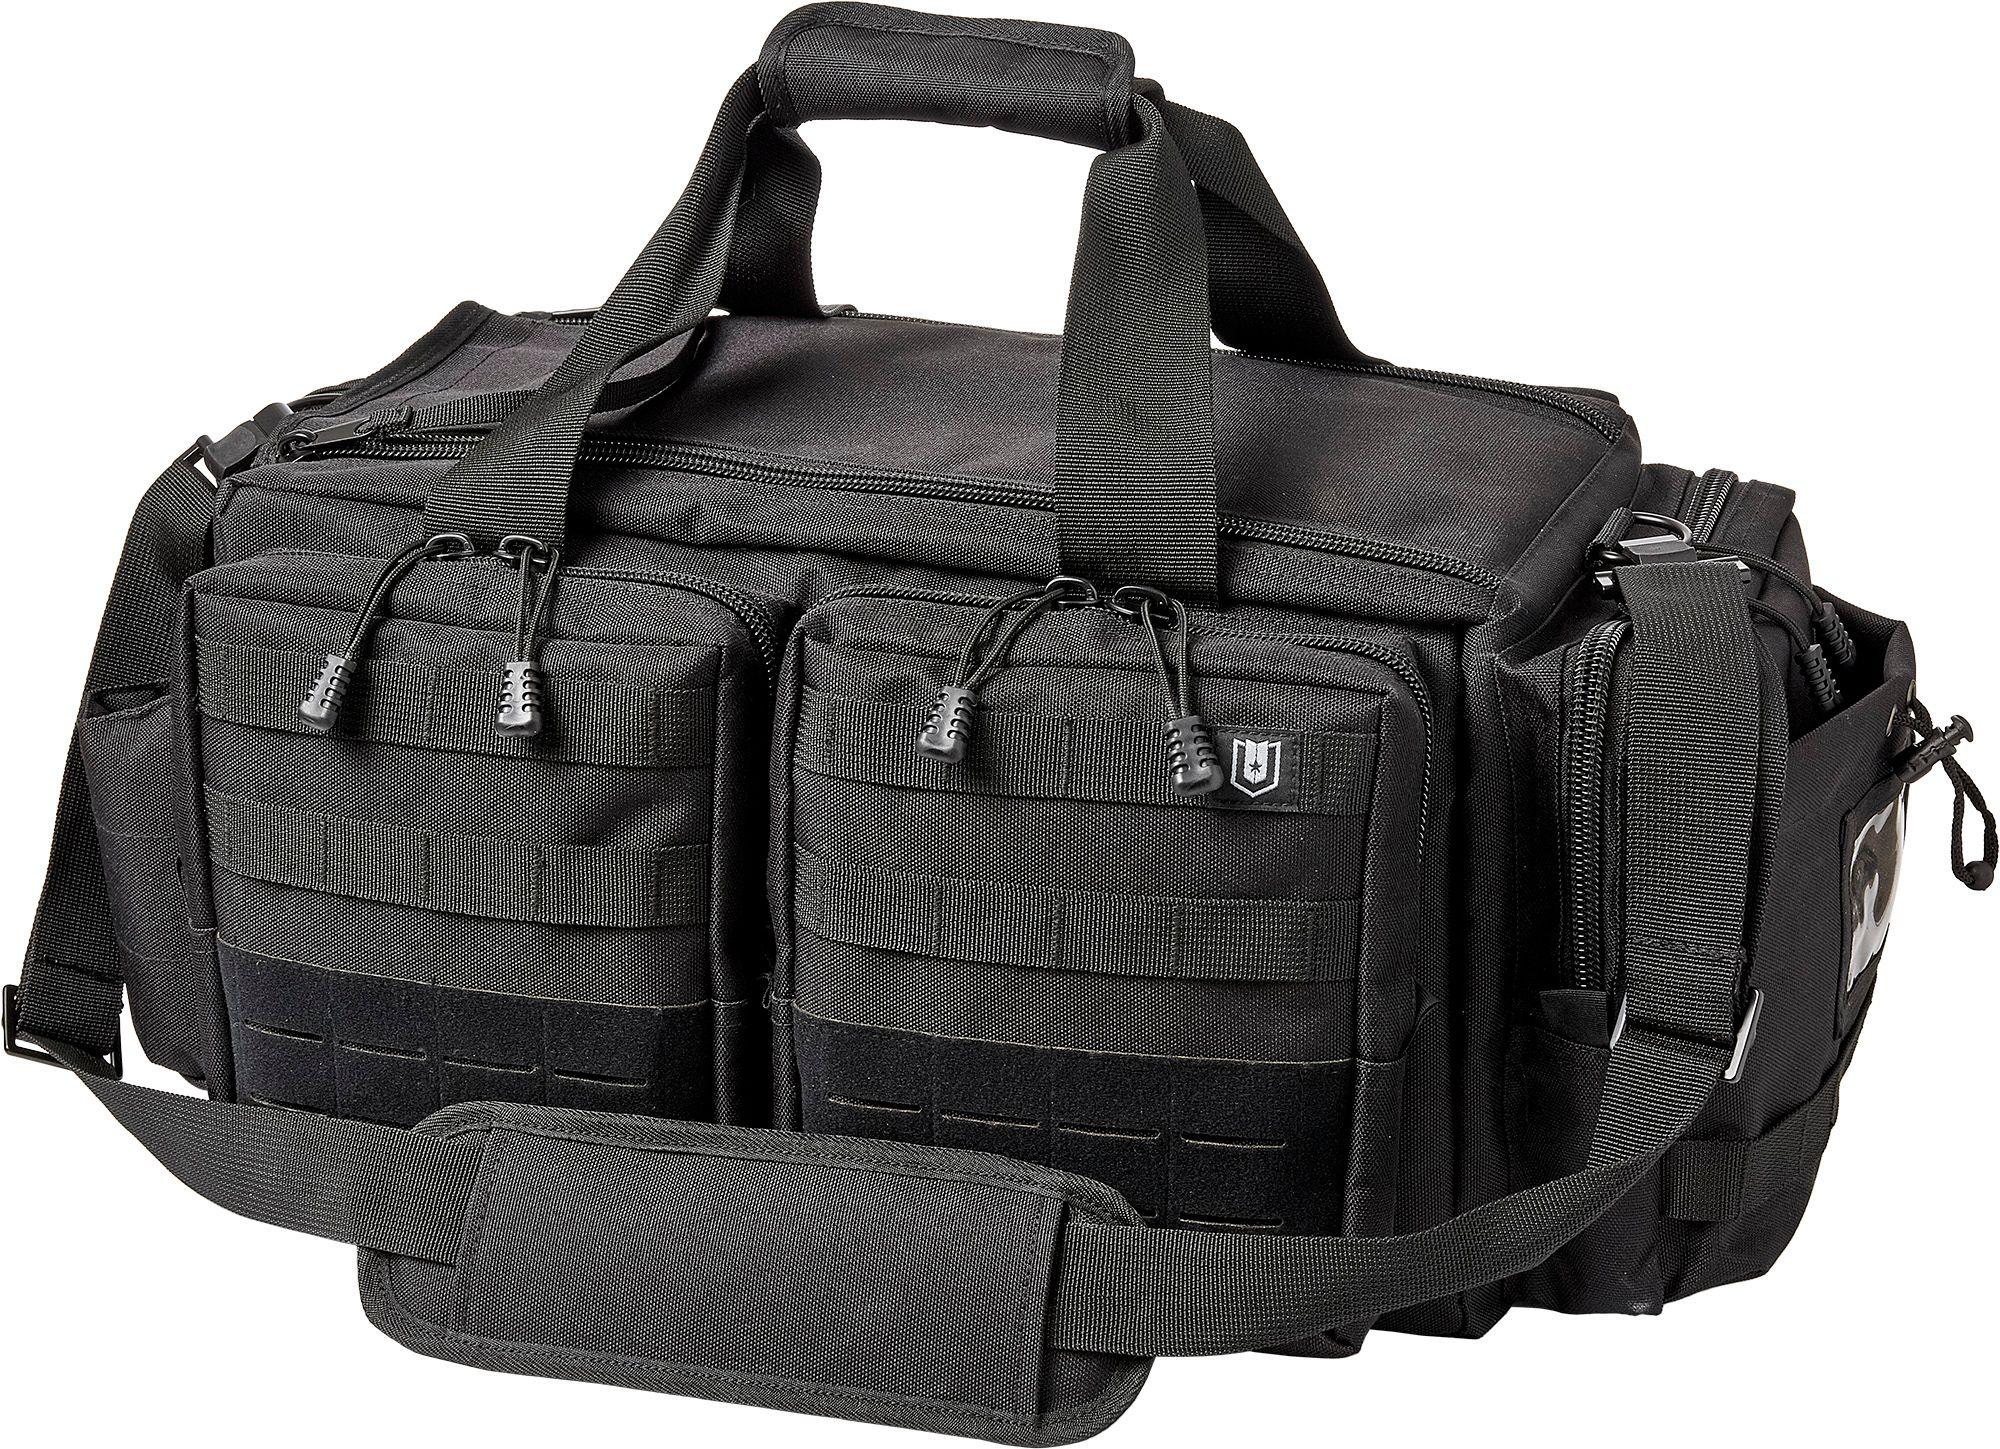 Field & Stream Tactical Deluxe Range Bag